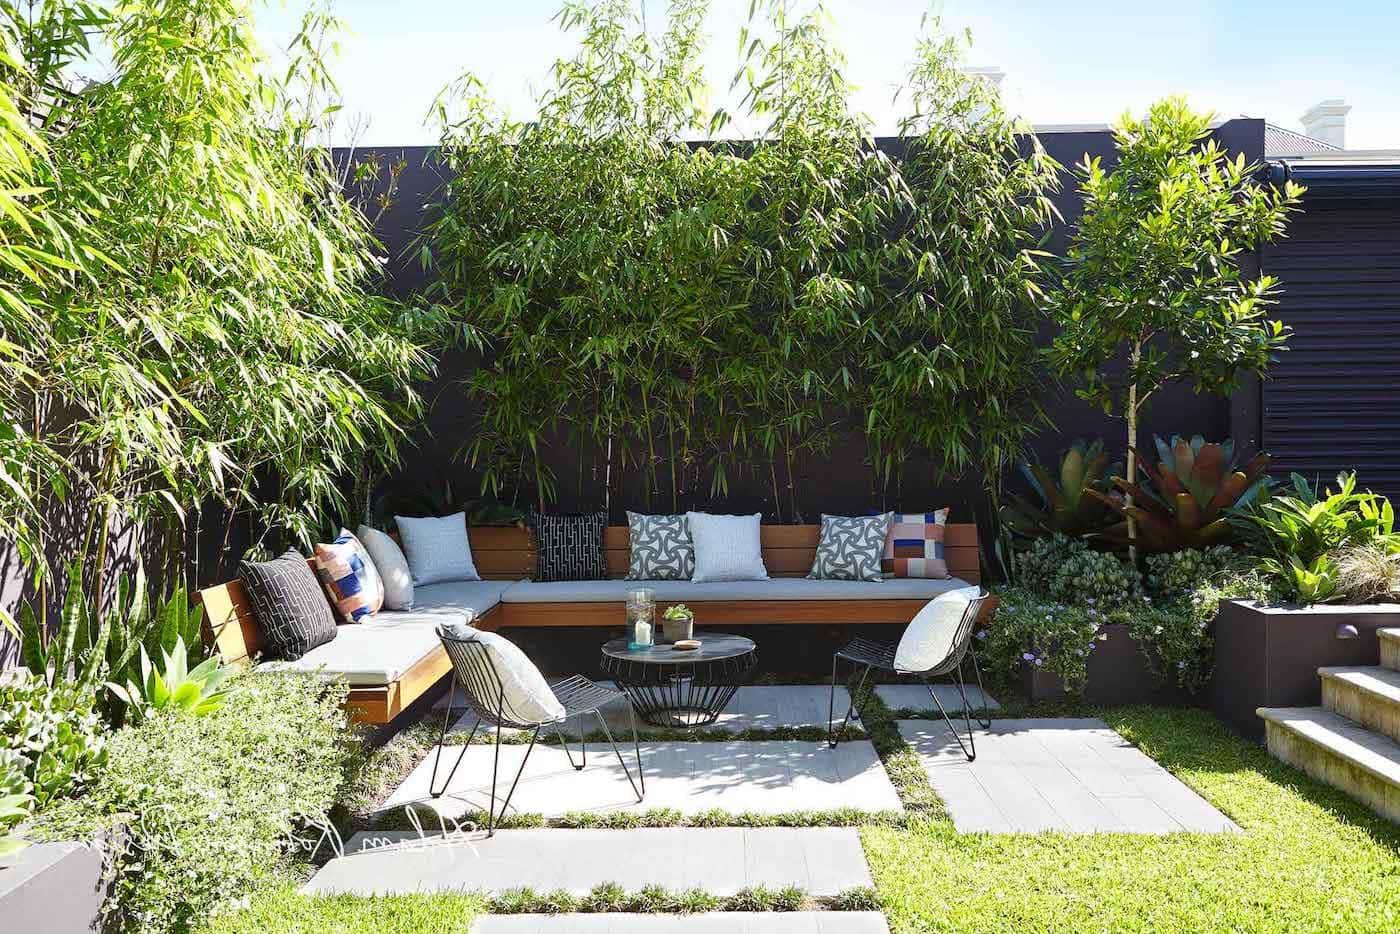 красивый сад частного дома фото 66